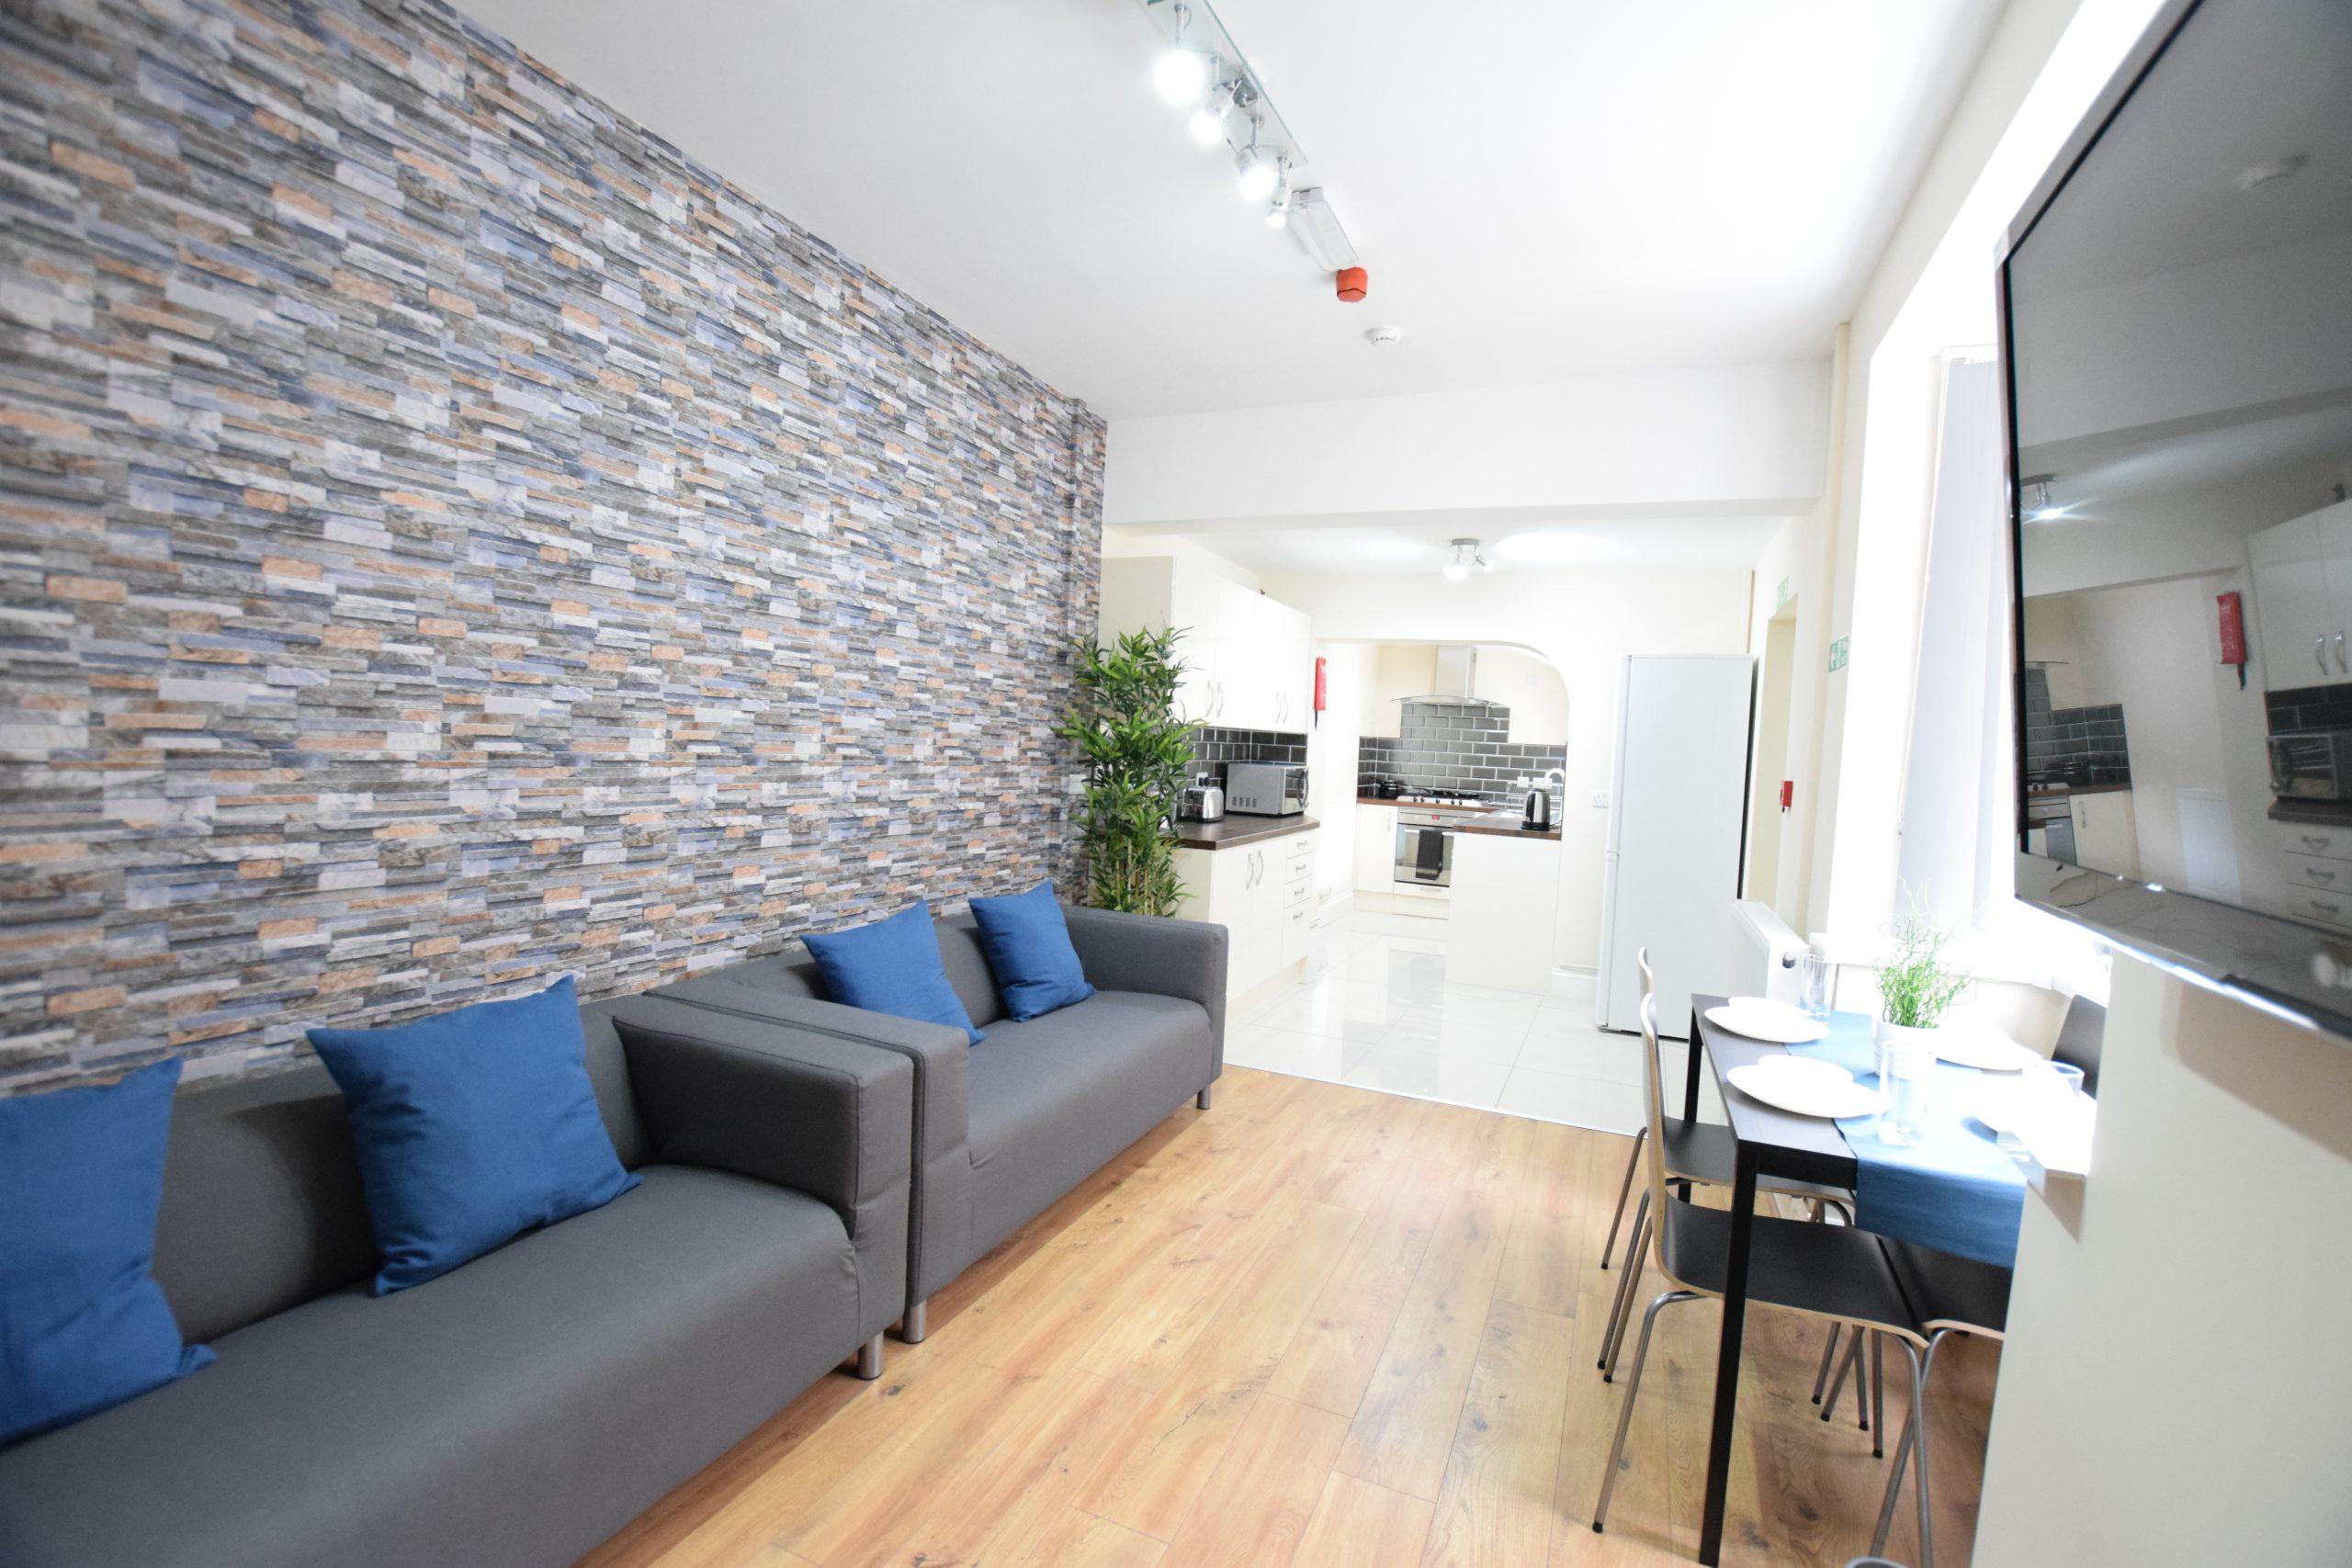 🏡 Lovely Studio Room! South Road, B23